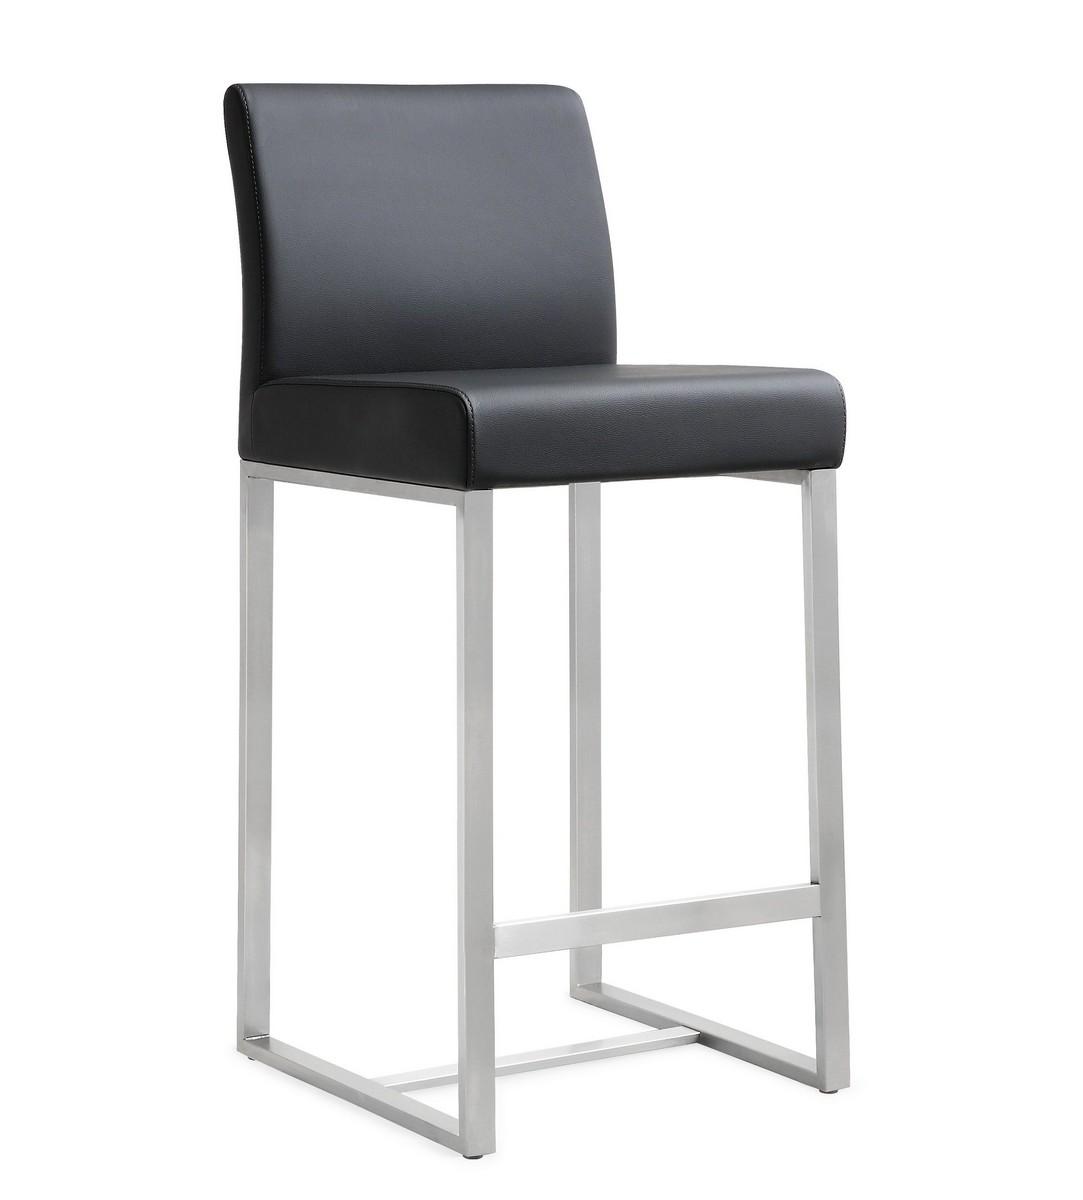 Tov Furniture Denmark Black Stainless Steel Counter Stool